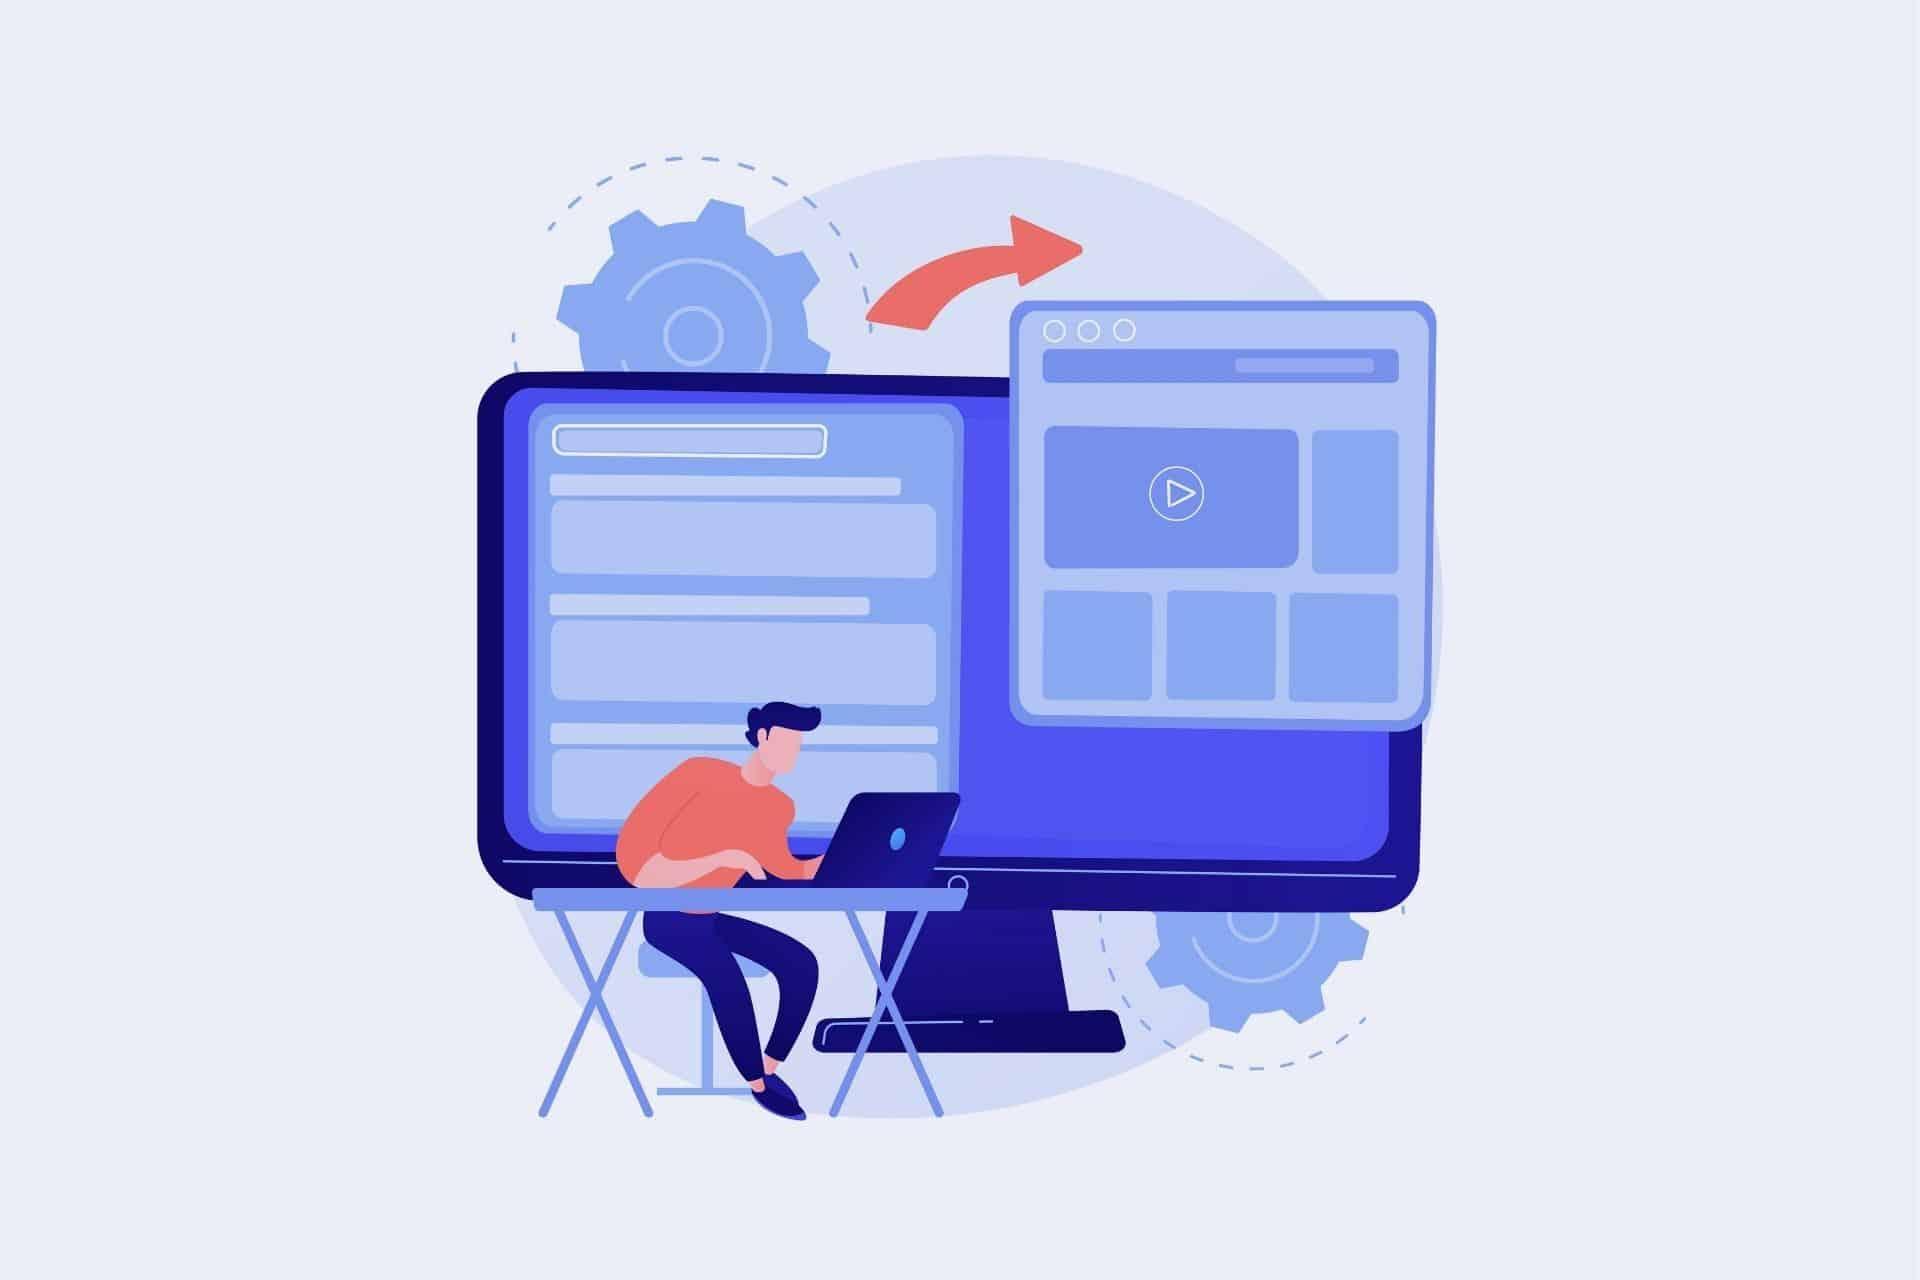 בניית אתר או דף נחיתה בוורדפרס (בדרך כל מבוסס אלמנטור) הינו שלב האחרון בתהליך. ברור שעסק שלך צריך אתר אינטרנט רספונסיבי, מהיר וקל לתפעול יומיומי. בנוסף לזה אנחנו בונים אתרים לפי דרישות של גוגל.